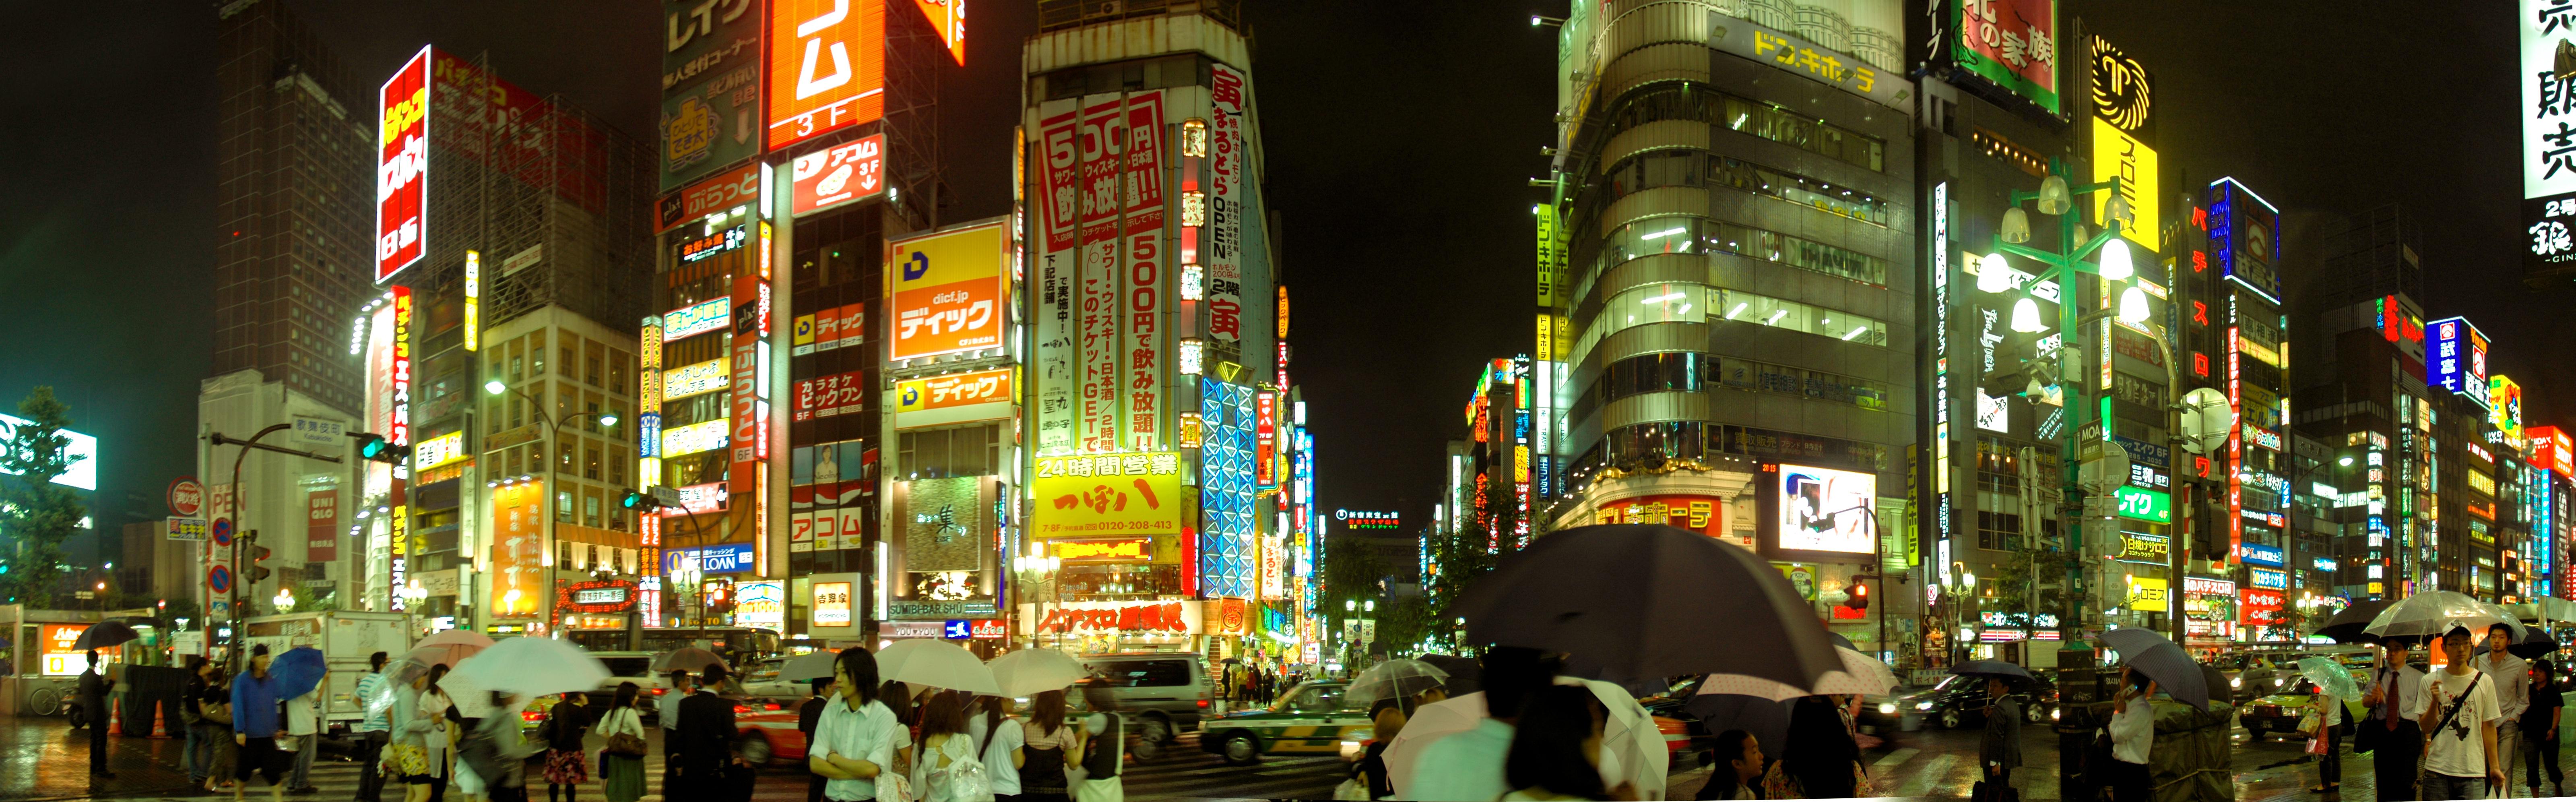 A medida foi promovida pelo governo japonês para prevenir desordens mentais entre os trabalhadores